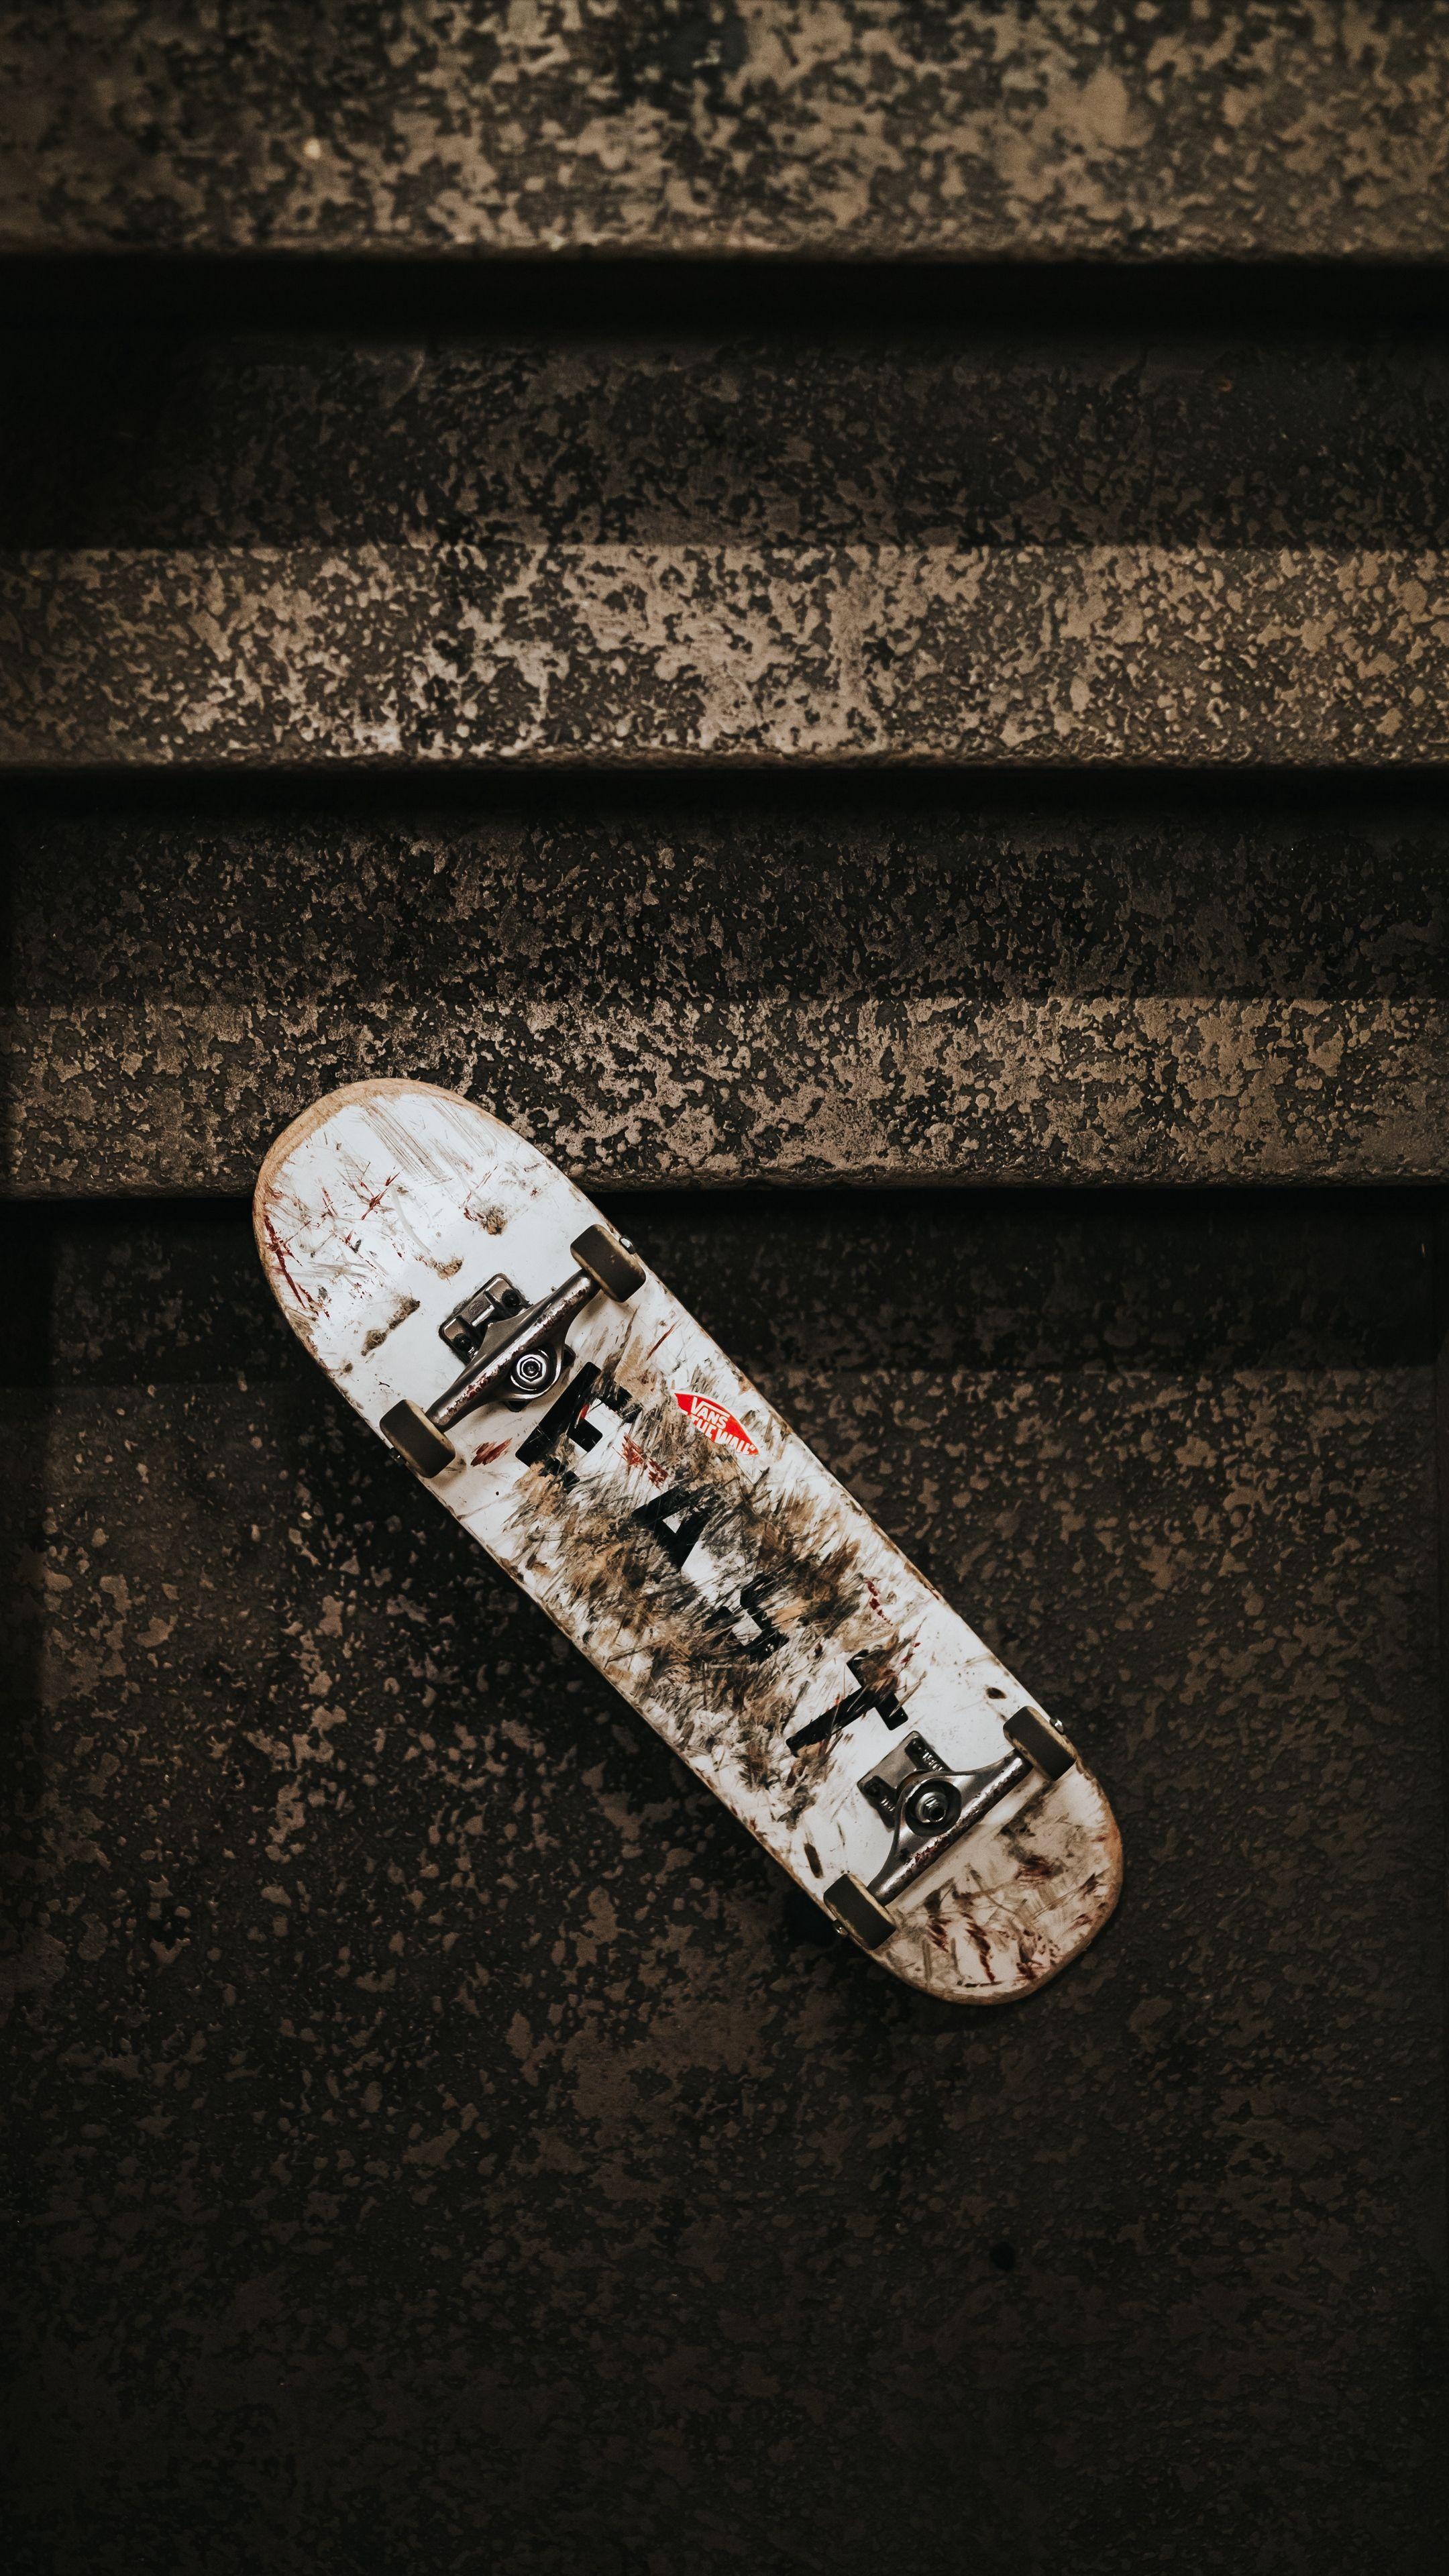 Sports skateboard ladder wheels wallpapers hd 4k background 2160x3840